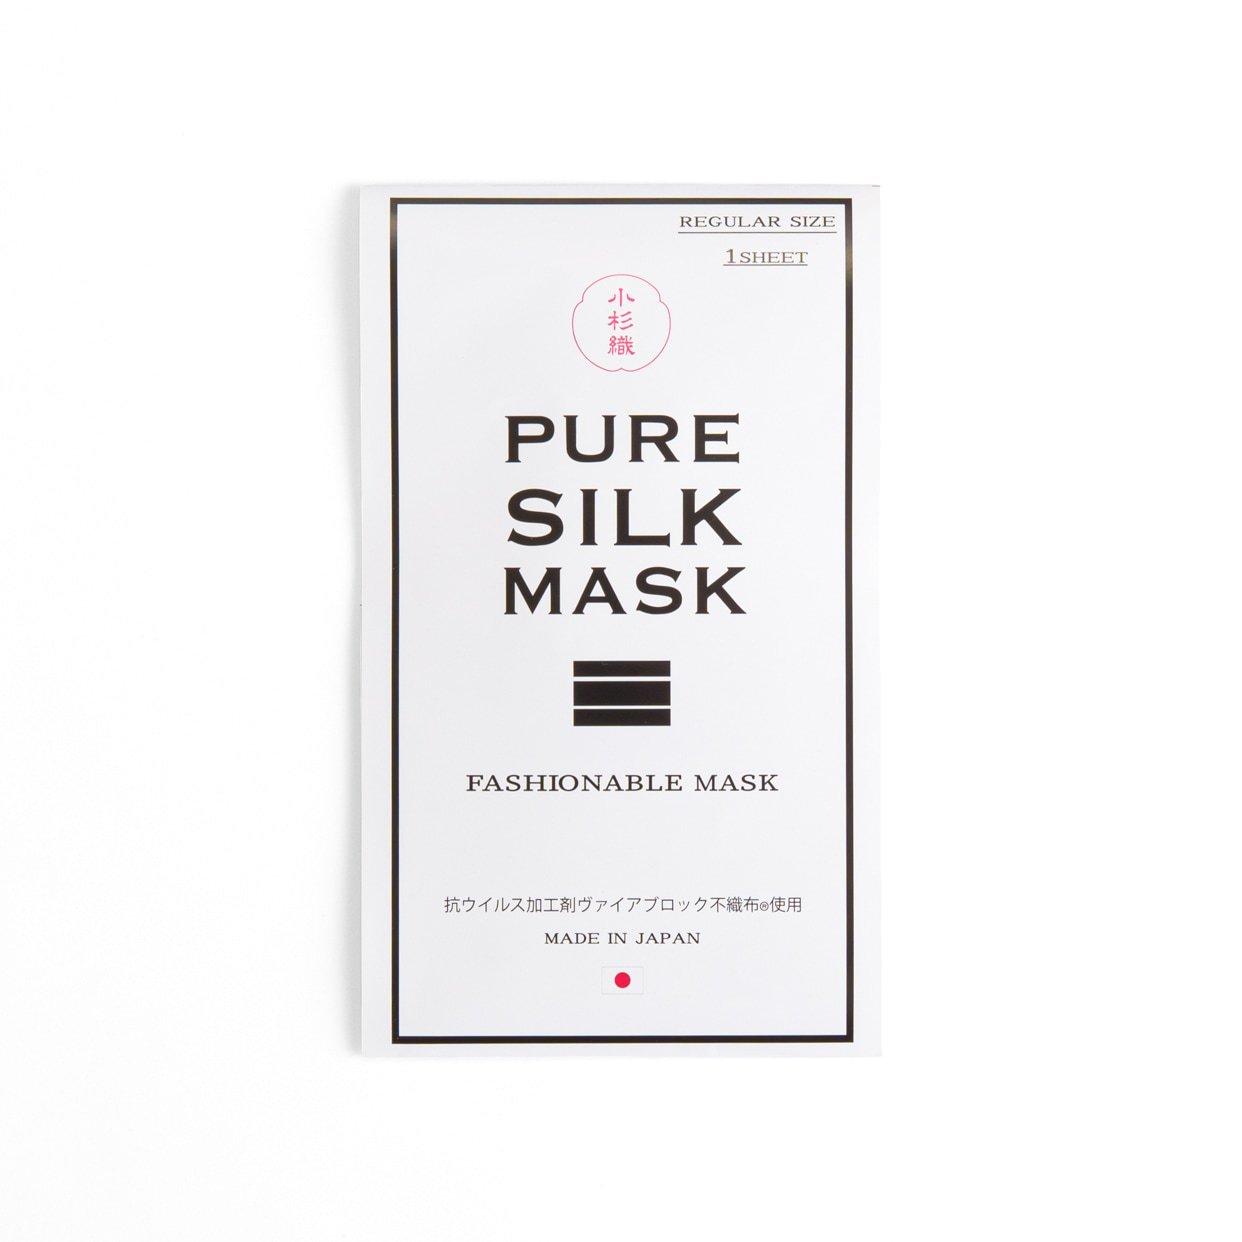 「絹マスク PURE SILK MASK 小杉織」の商品画像